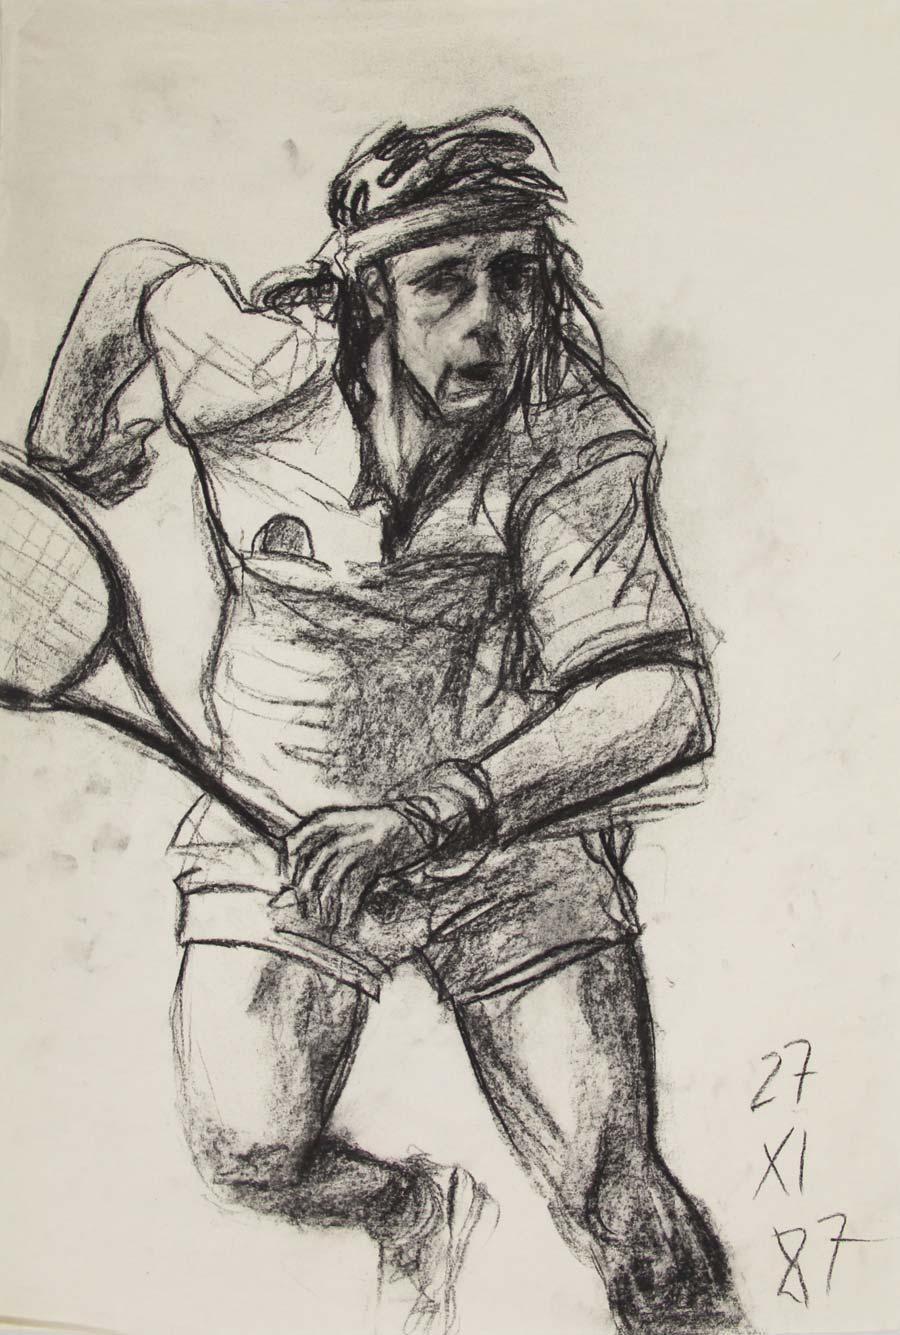 """""""27.XI.87"""", 1987, 45x31,6cm, black chalk on paper"""